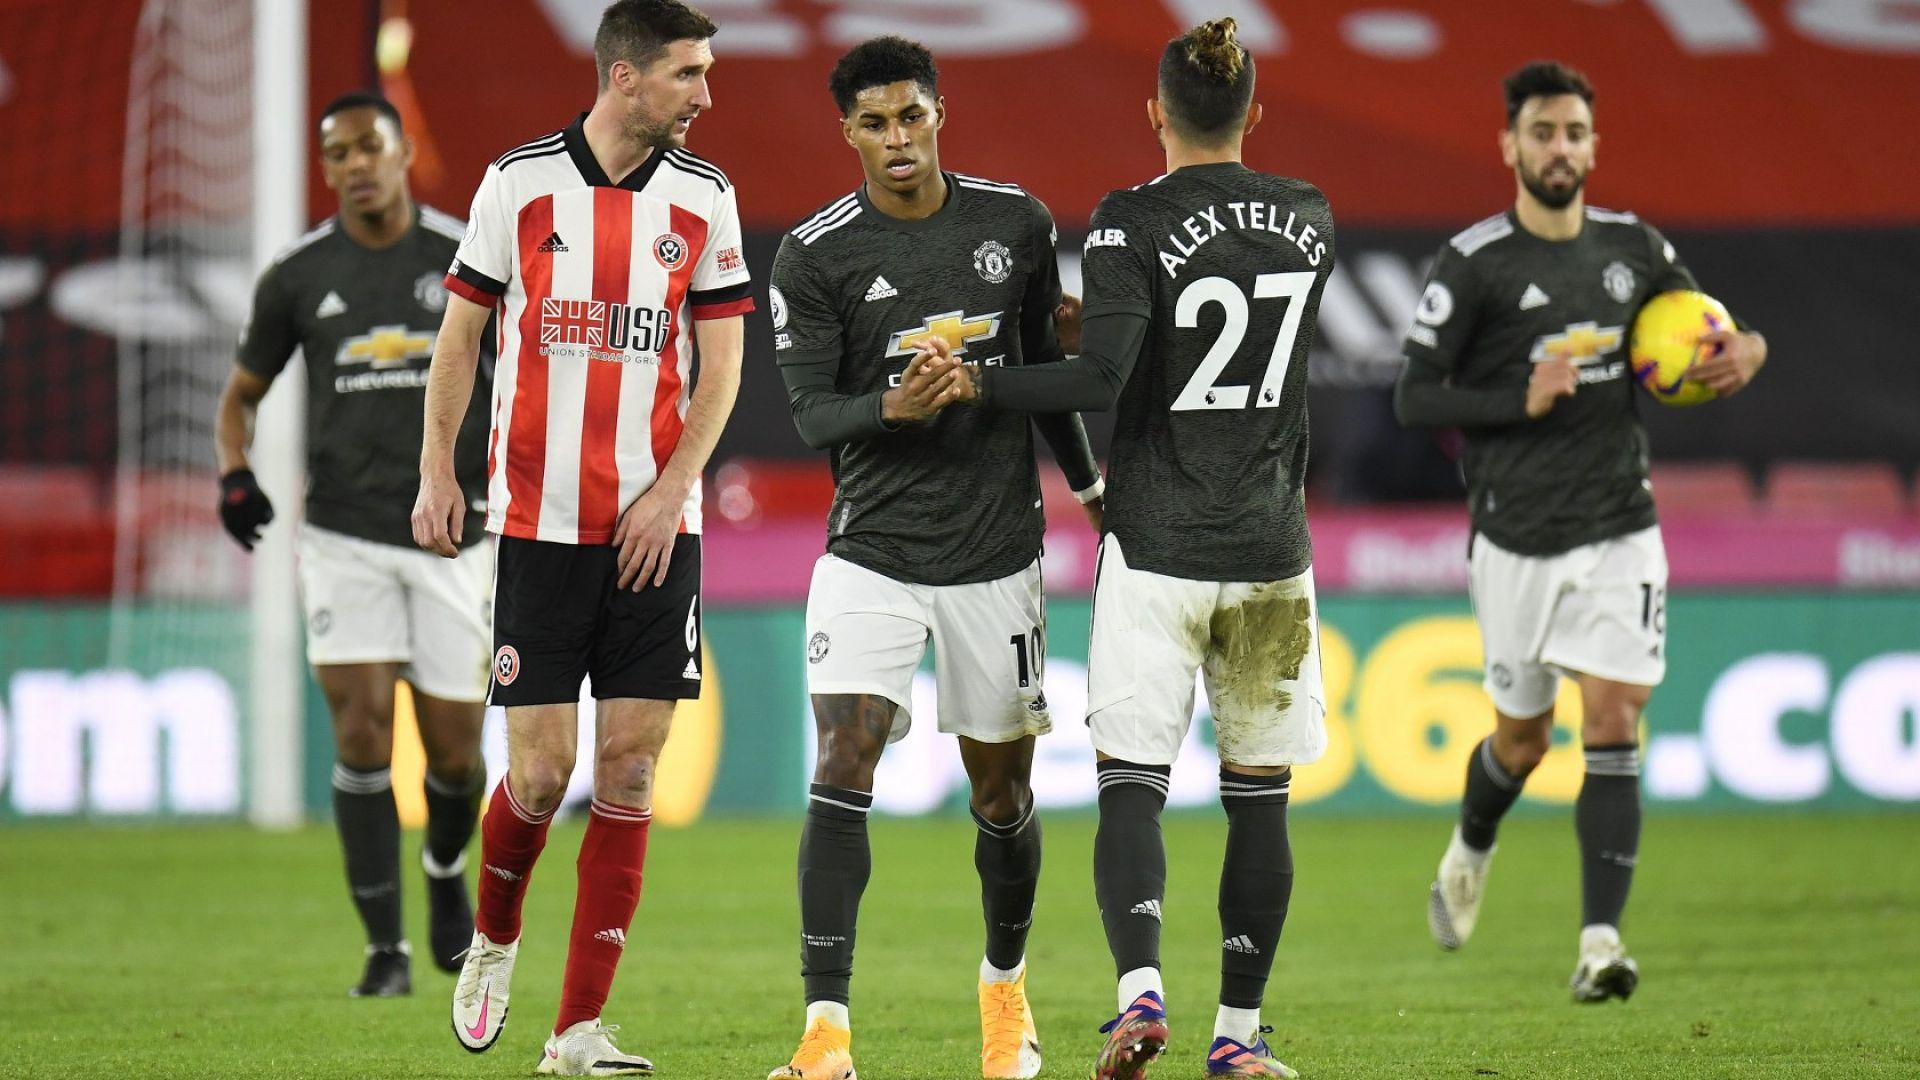 За пореден път - Юнайтед изостана като гост и отново победи